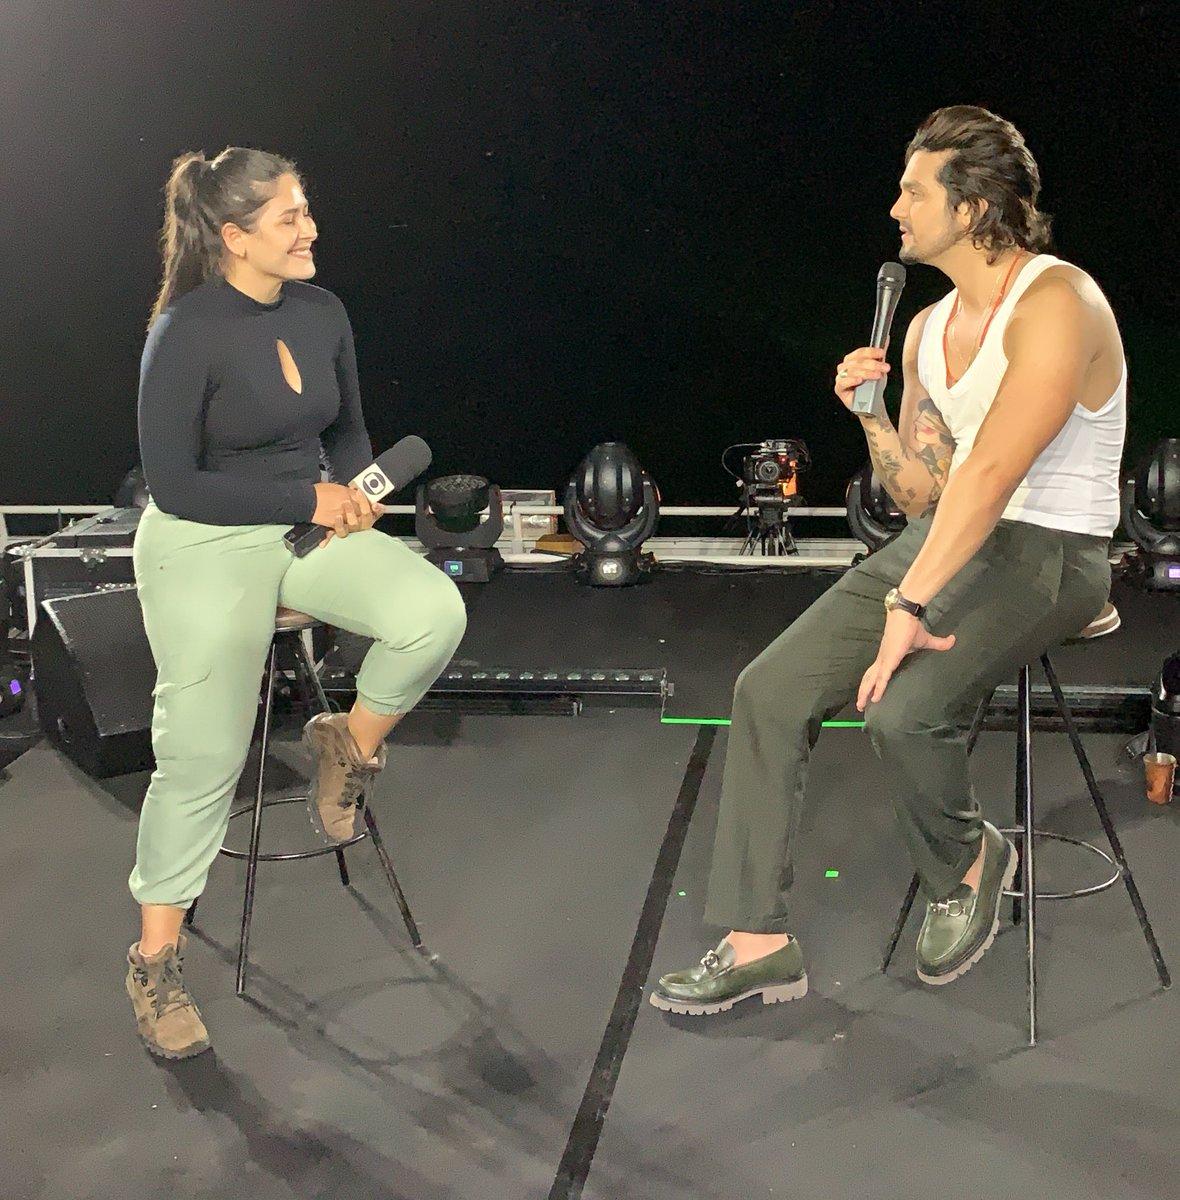 Luan agora dá uma entrevista para a TV Morena, afiliada da TV Globo no MS! Matéria em breve no ar #OPantanalChama